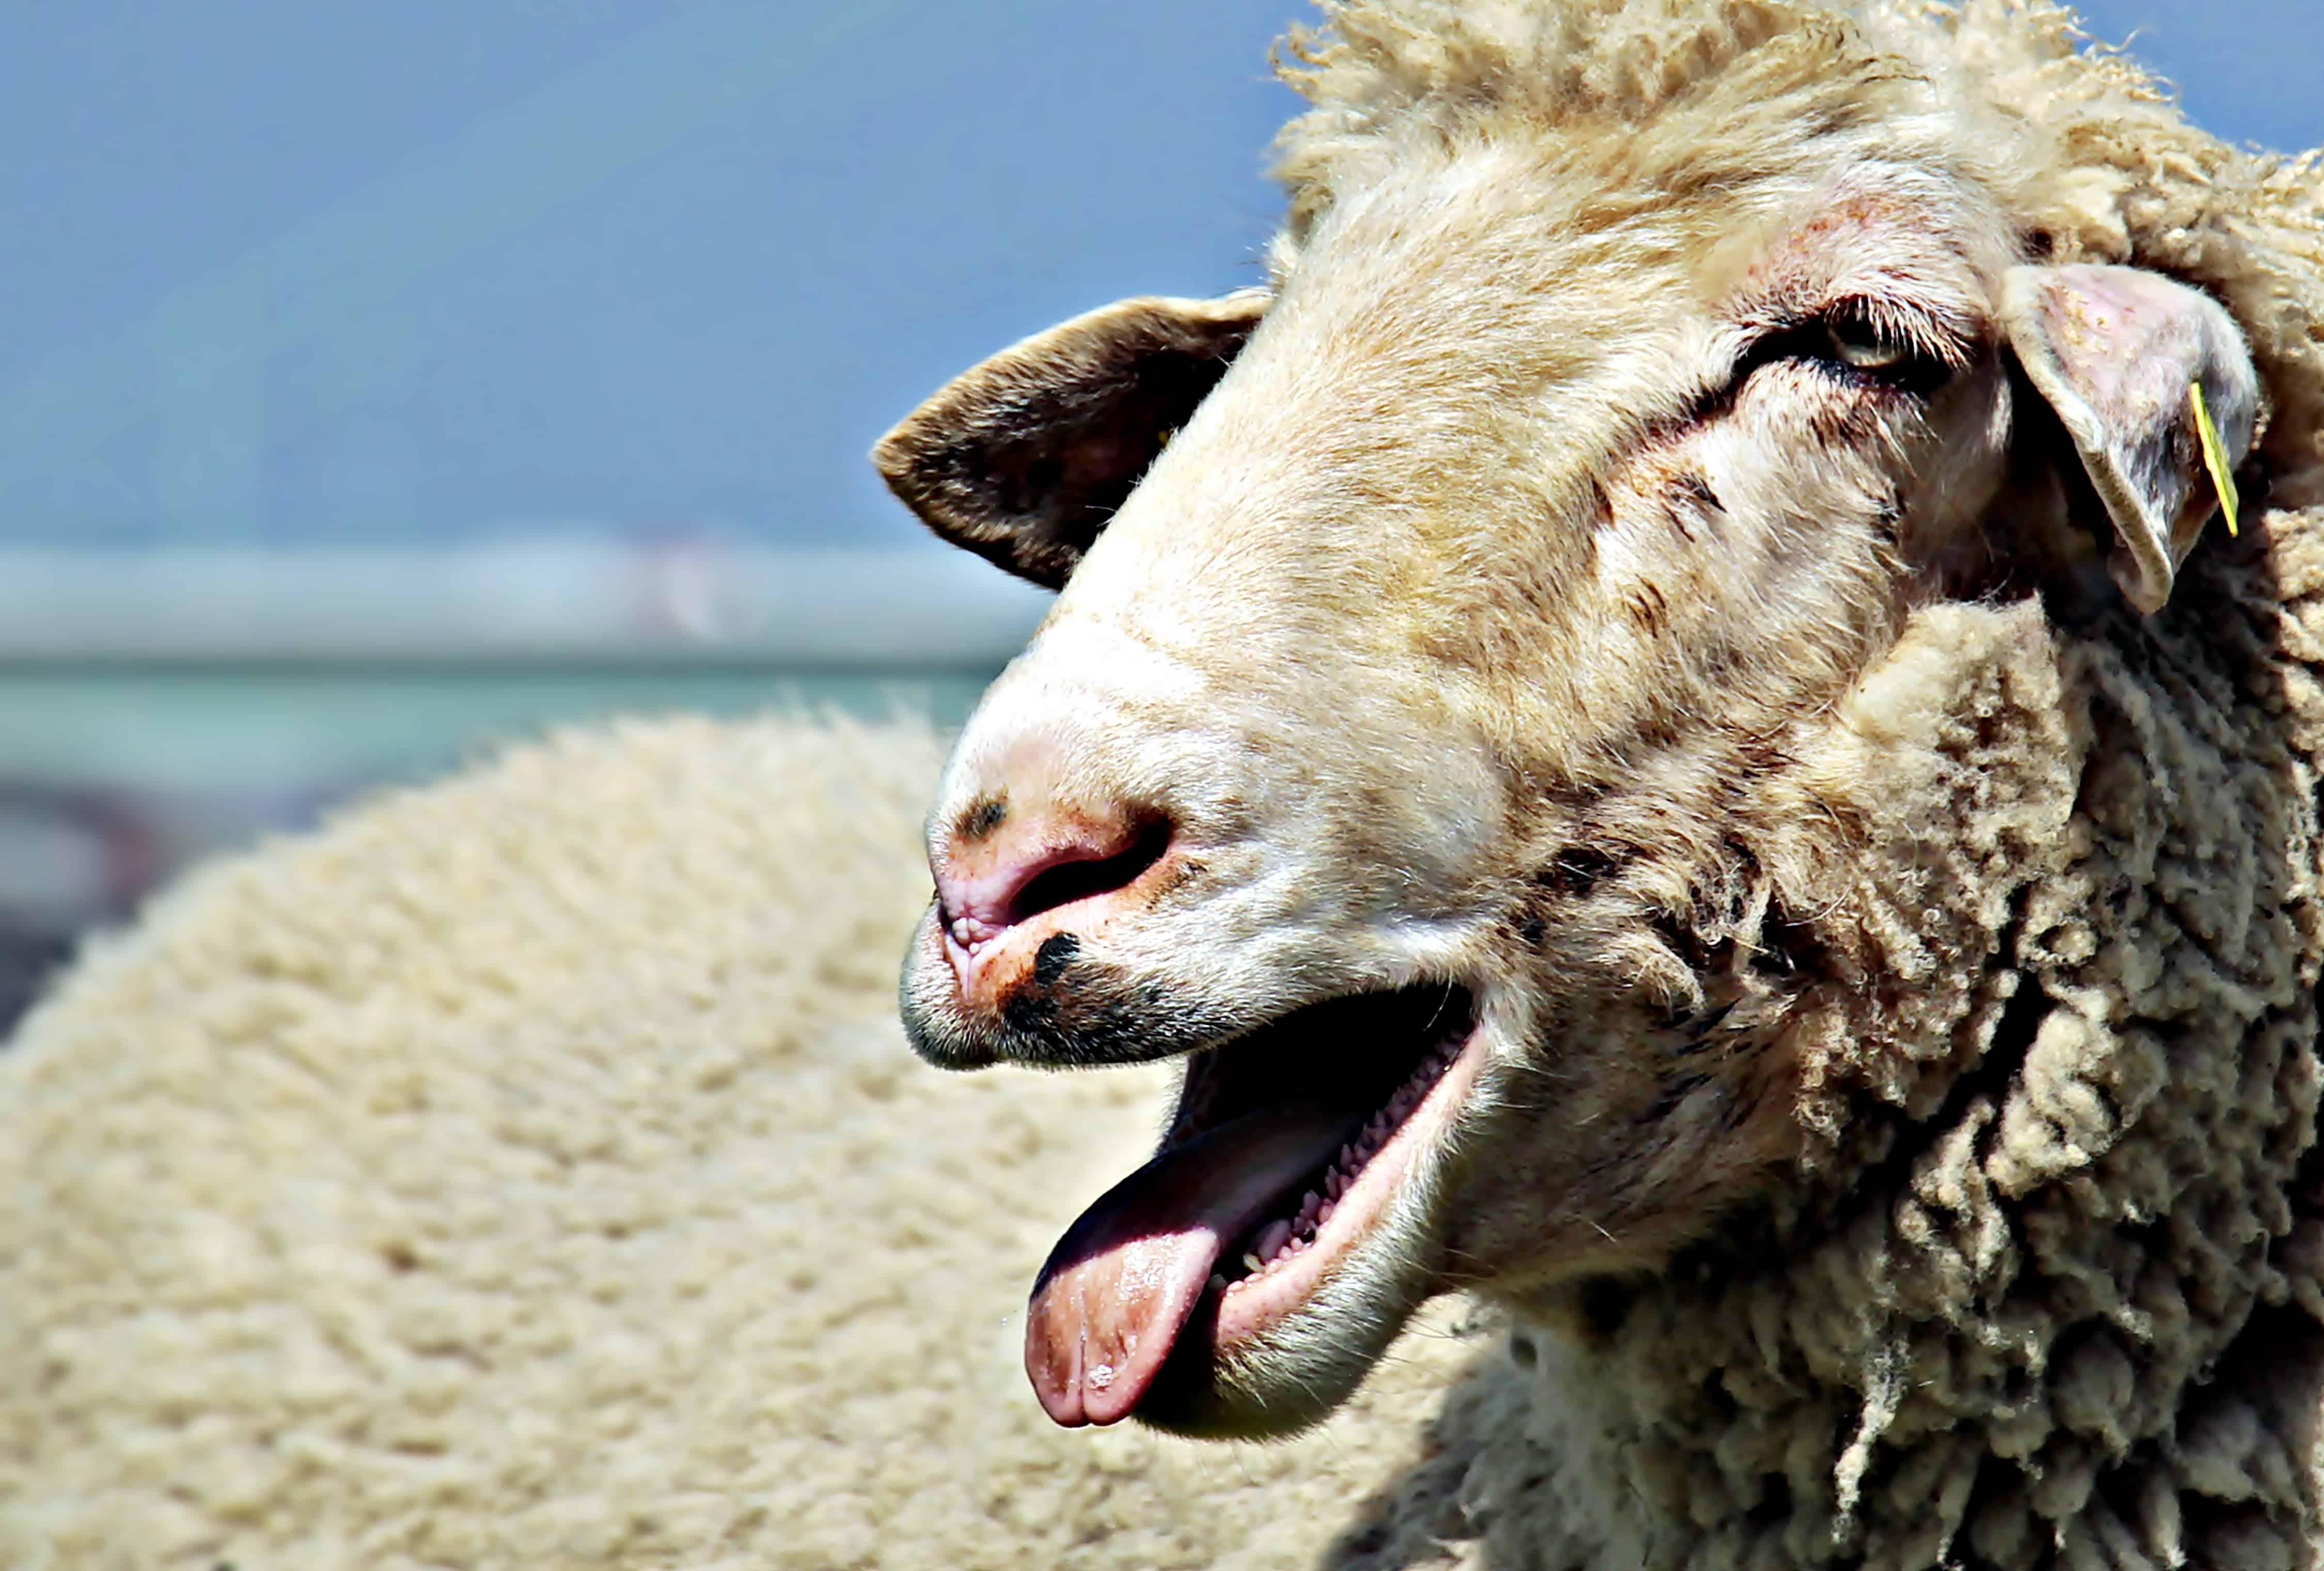 Schaf mit offenem Mund